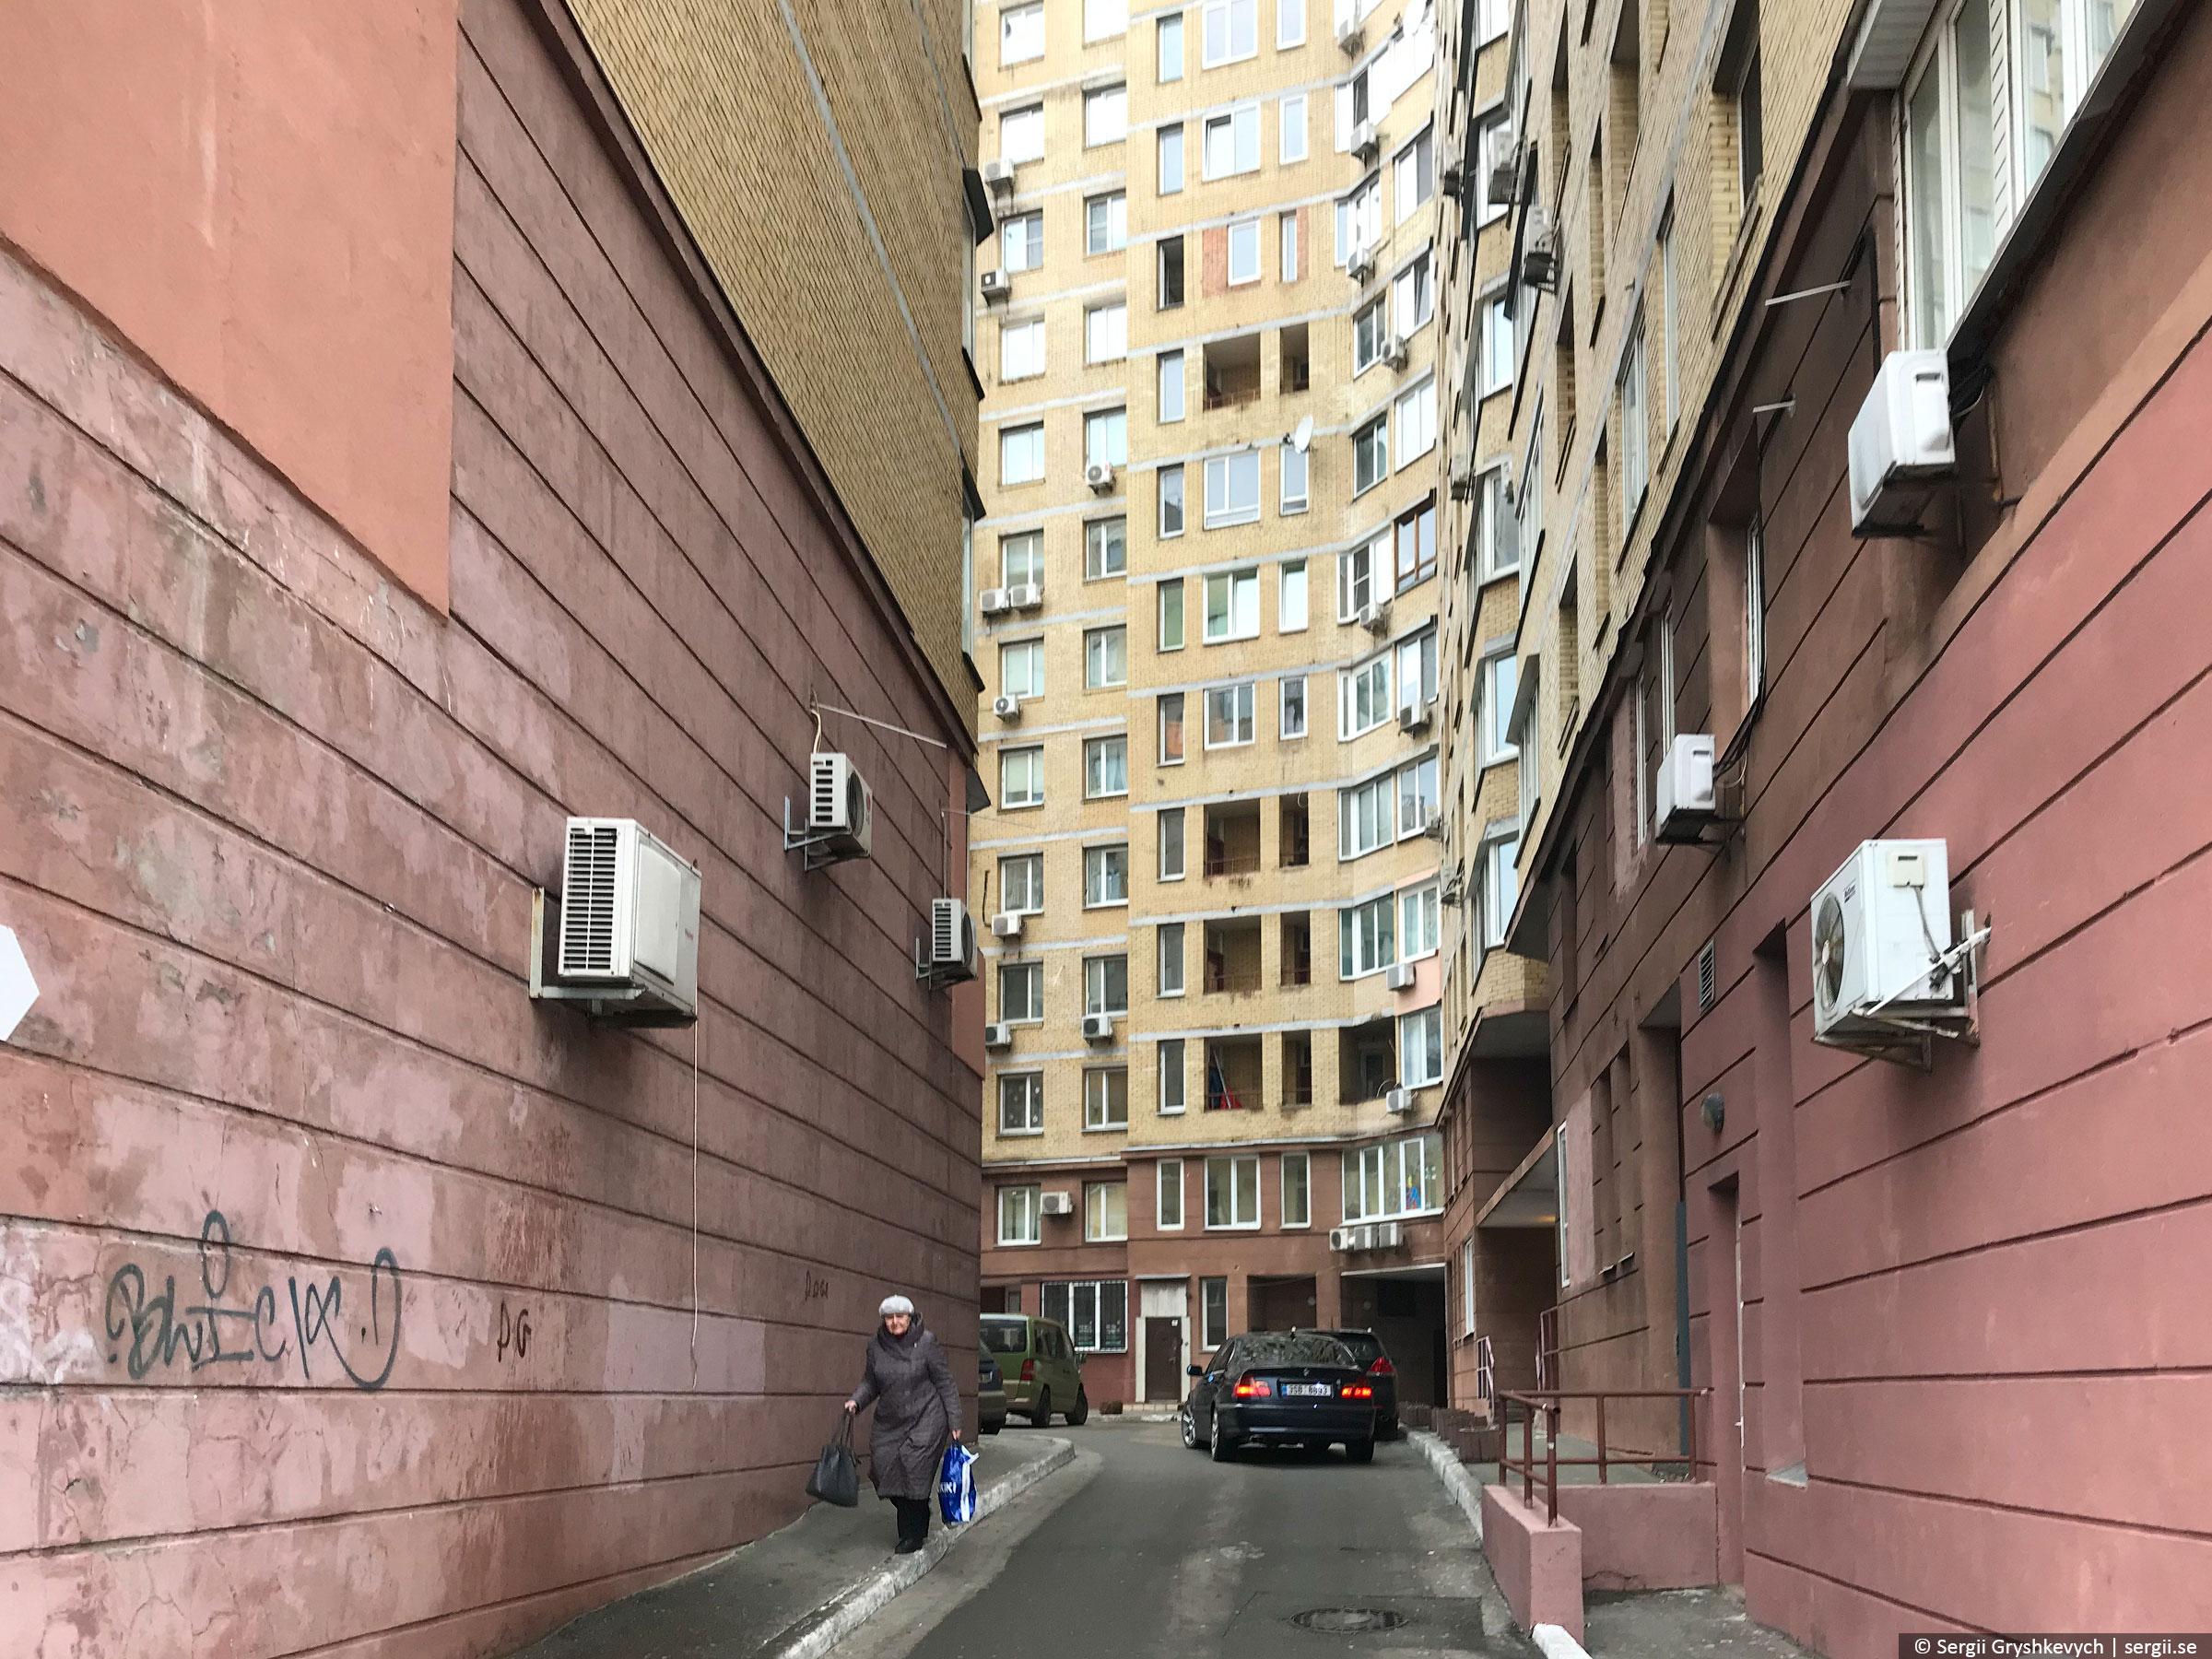 kyiv-darnytsia-livoberezhna-54